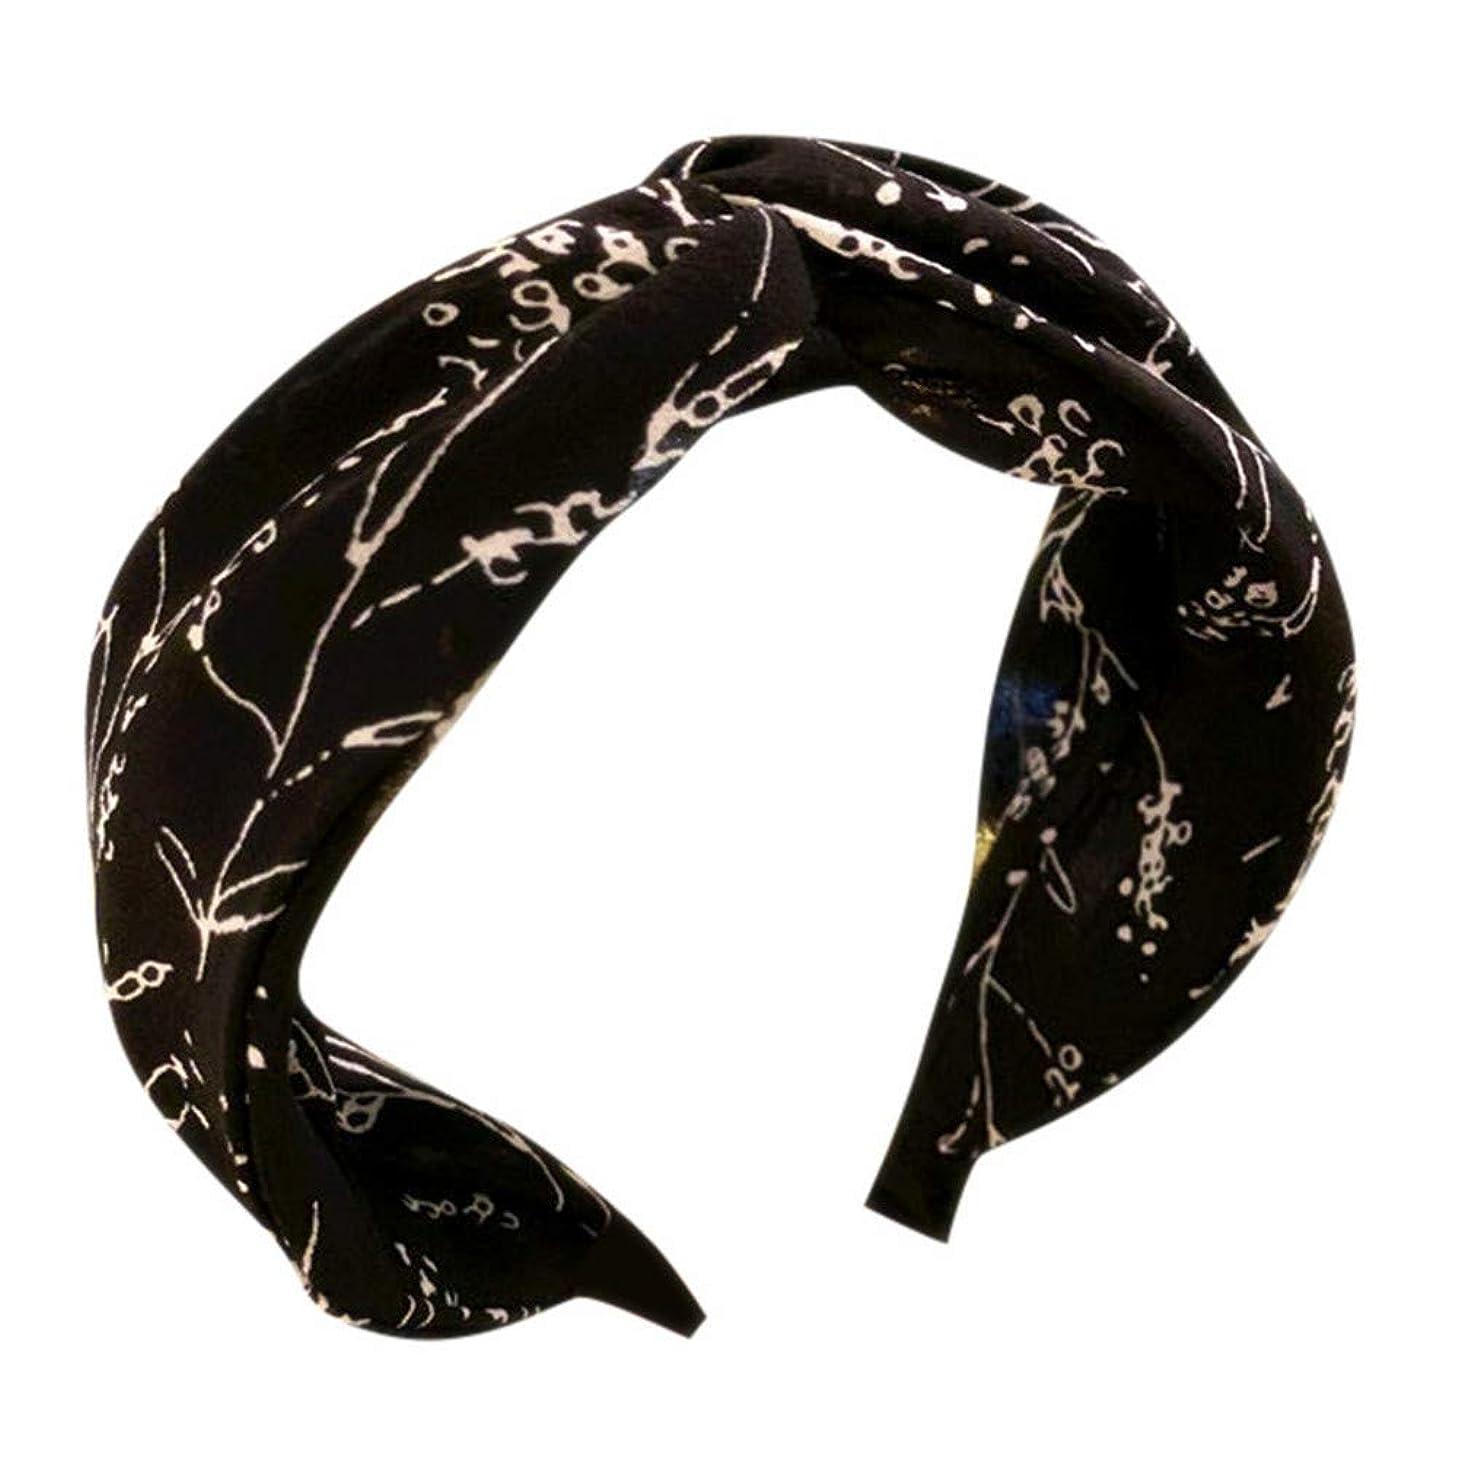 脅かす許可する肺Feteso ヘアバンド レディース? 日系 おしゃれ 可愛い ヘアターバン カチューシャ ヘッドバンド ターバン 十元里美のスタイル 伸縮性あり 柔らかい ターバン 花柄 フリーサイズ? 多彩 Women's Headband